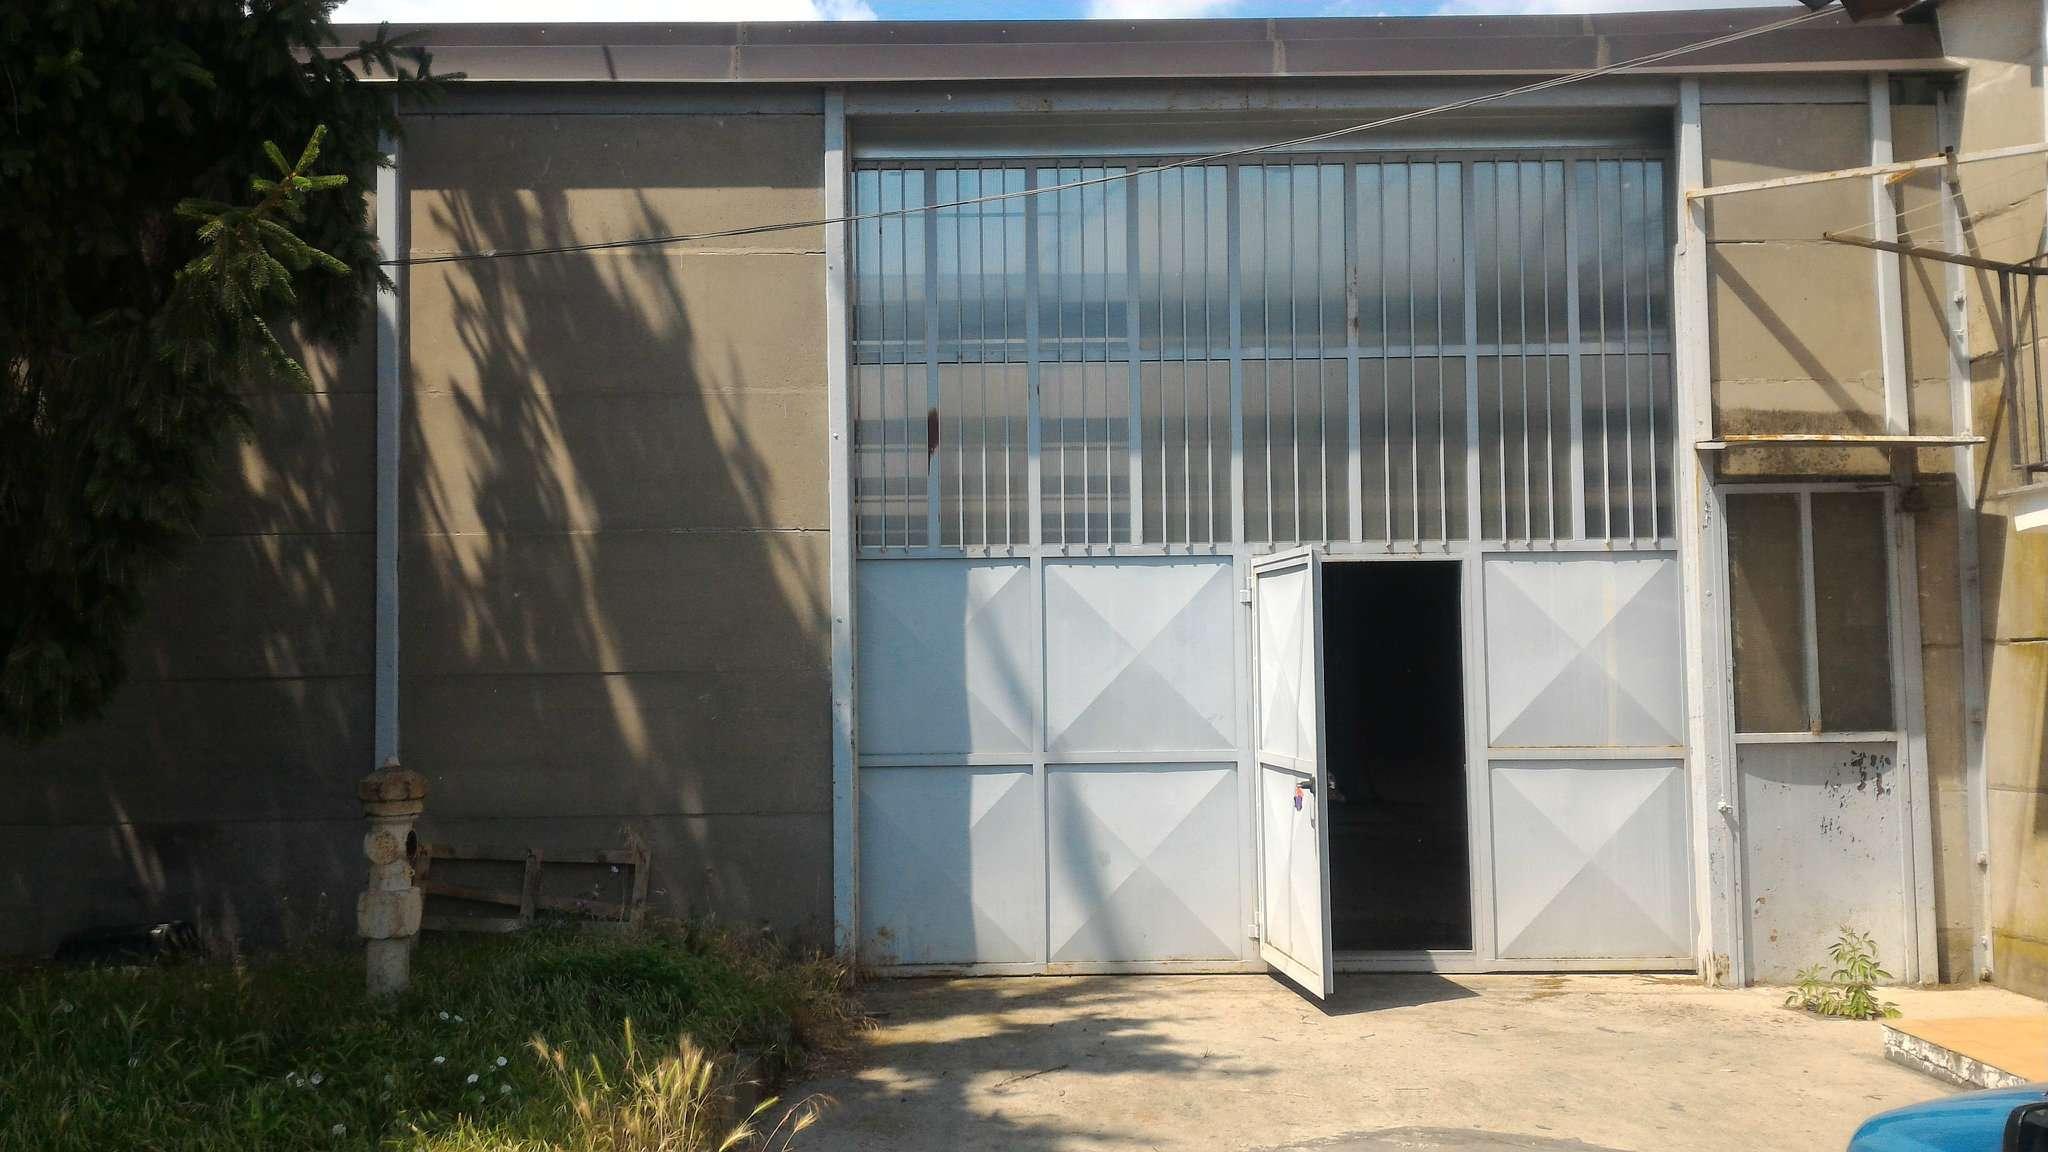 Immagine immobiliare CAPANNONE 1000 MQ VENARIA Disponiamo in Venaria comoda alla tangenziale capannone industriale 1000 mq con area produttiva di 1000 mq con altezza sotto trave 6.m ingresso carraio con altezza 4.m, predisposizione per impianto elettrico e...